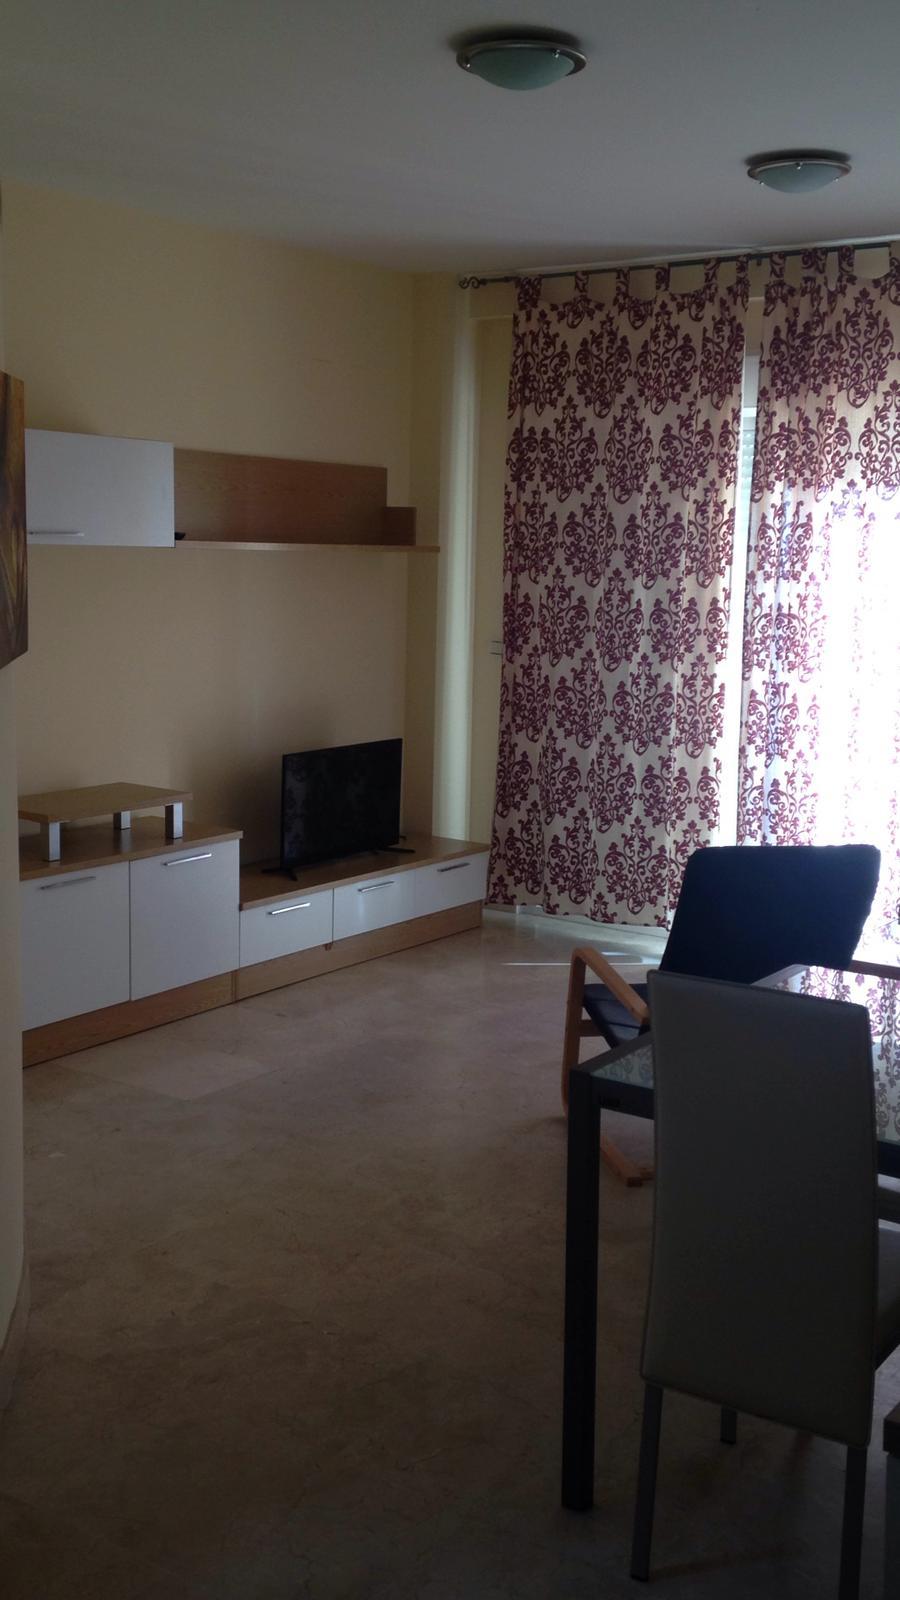 Casa en venta en Bockum, Tortosa, Tarragona, Calle San Antonio del Llano de Santa Clara, 13.500 €, 1 habitación, 1 baño, 28 m2